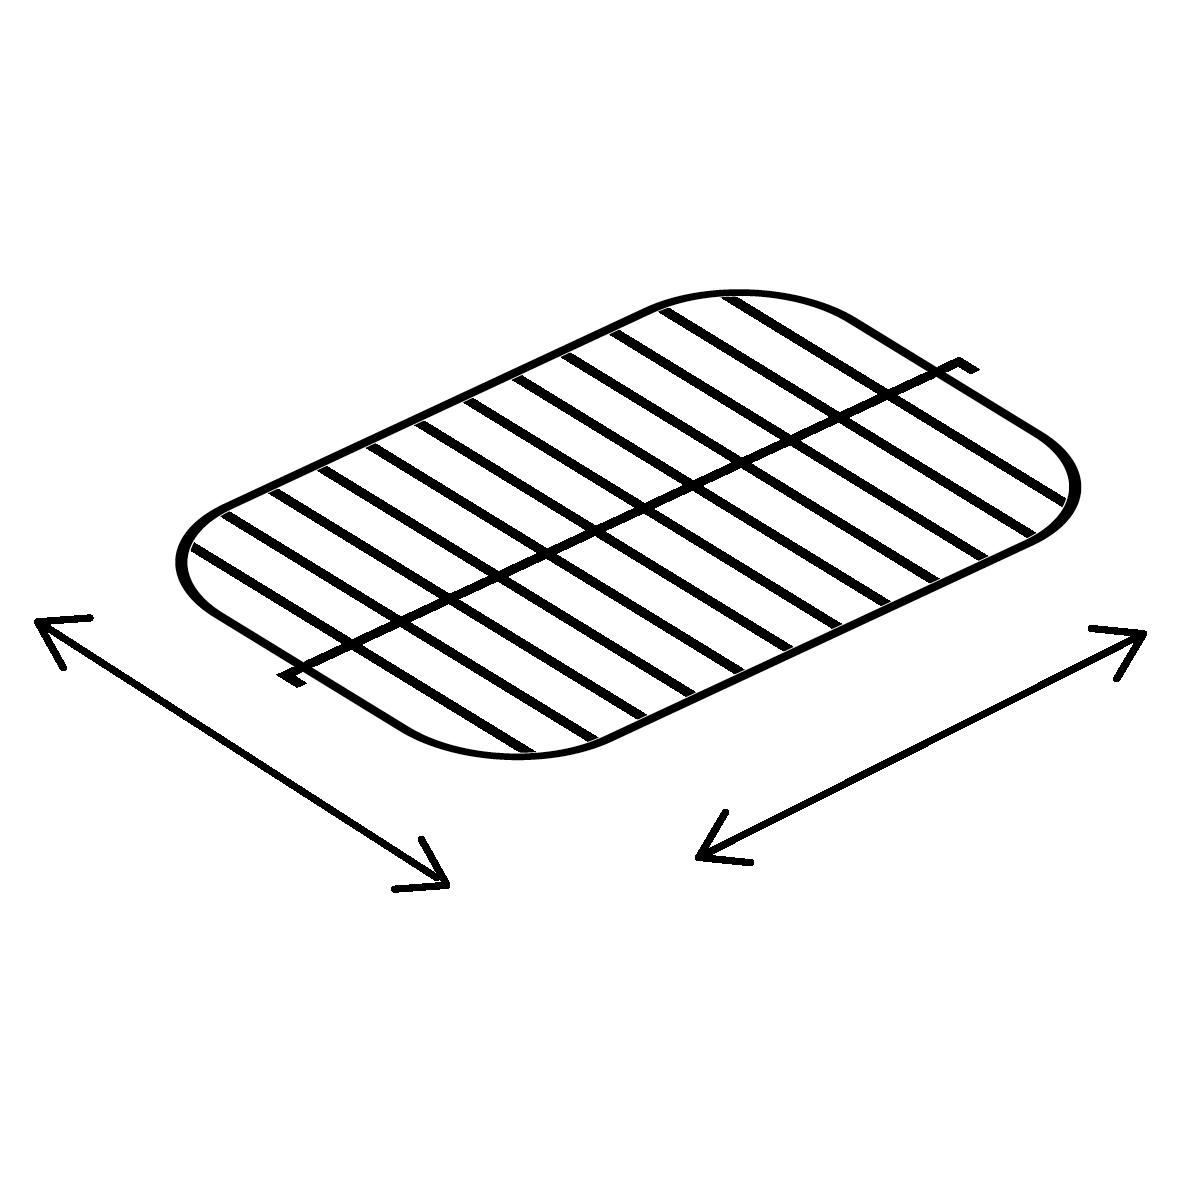 Grilloppervlak